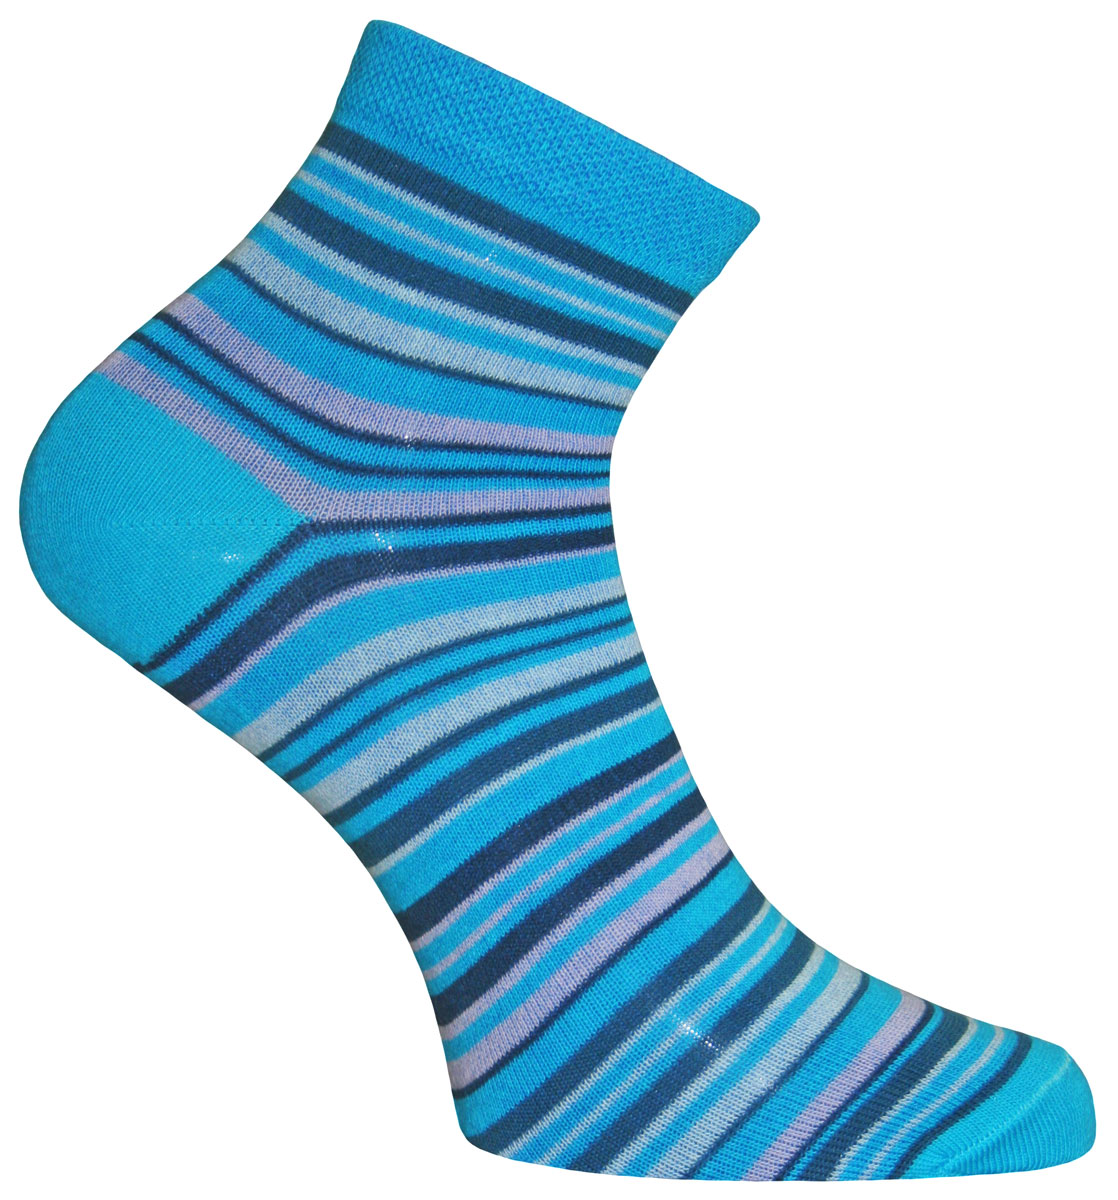 Носки женские Master Socks, цвет: бирюзовый, темно-синий. 55109. Размер 2555109Носки Master Socks изготовлены из индийского хлопка с добавлением полиамида и эластана, очень удобных и приятных при носке. Модель оформлена принтом в полоску. Эластичная резинка плотно облегает ногу, не сдавливая ее, обеспечивая комфорт и удобство.